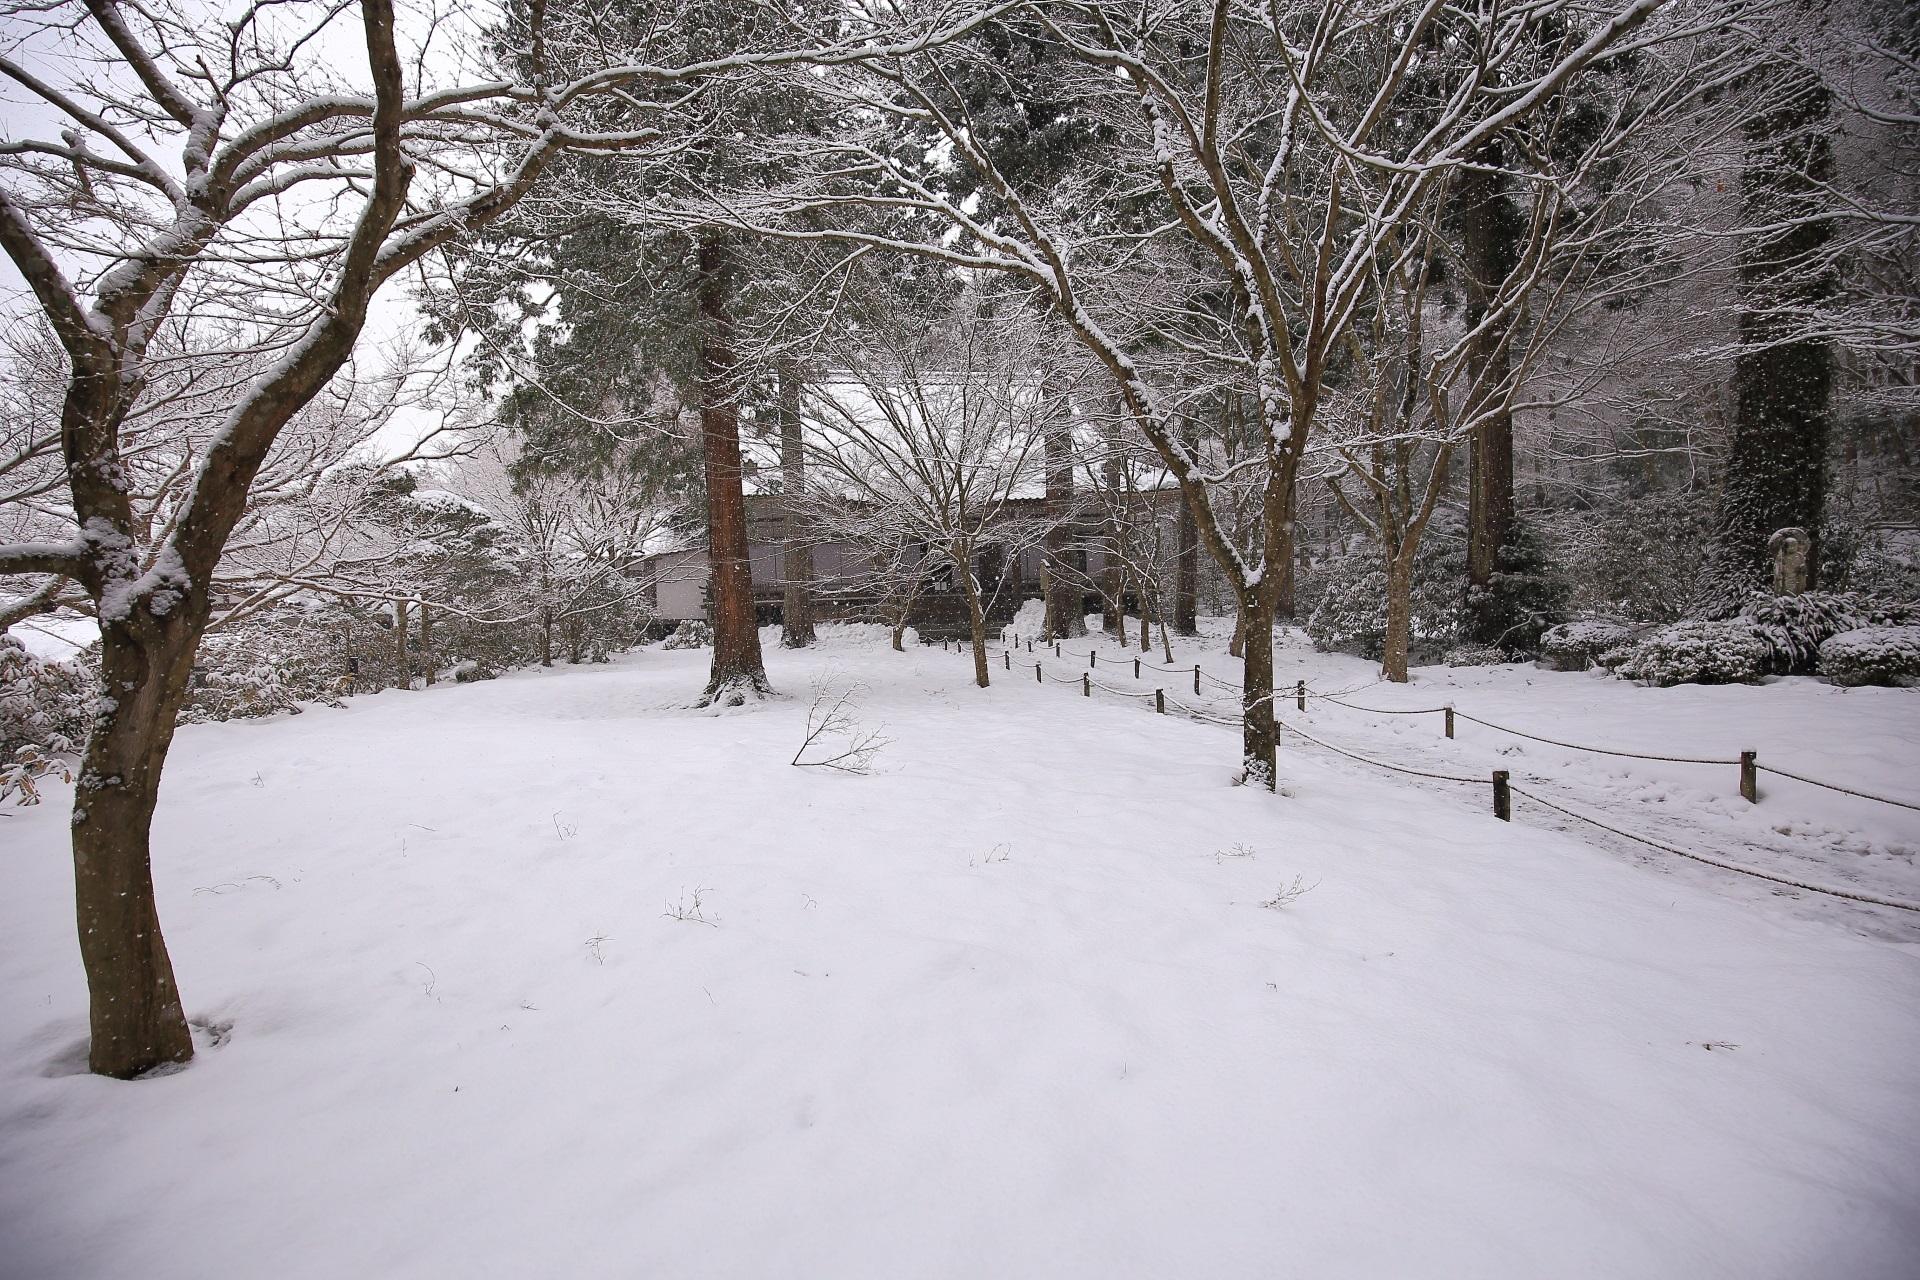 ふかふかの雪が積もった冬の三千院